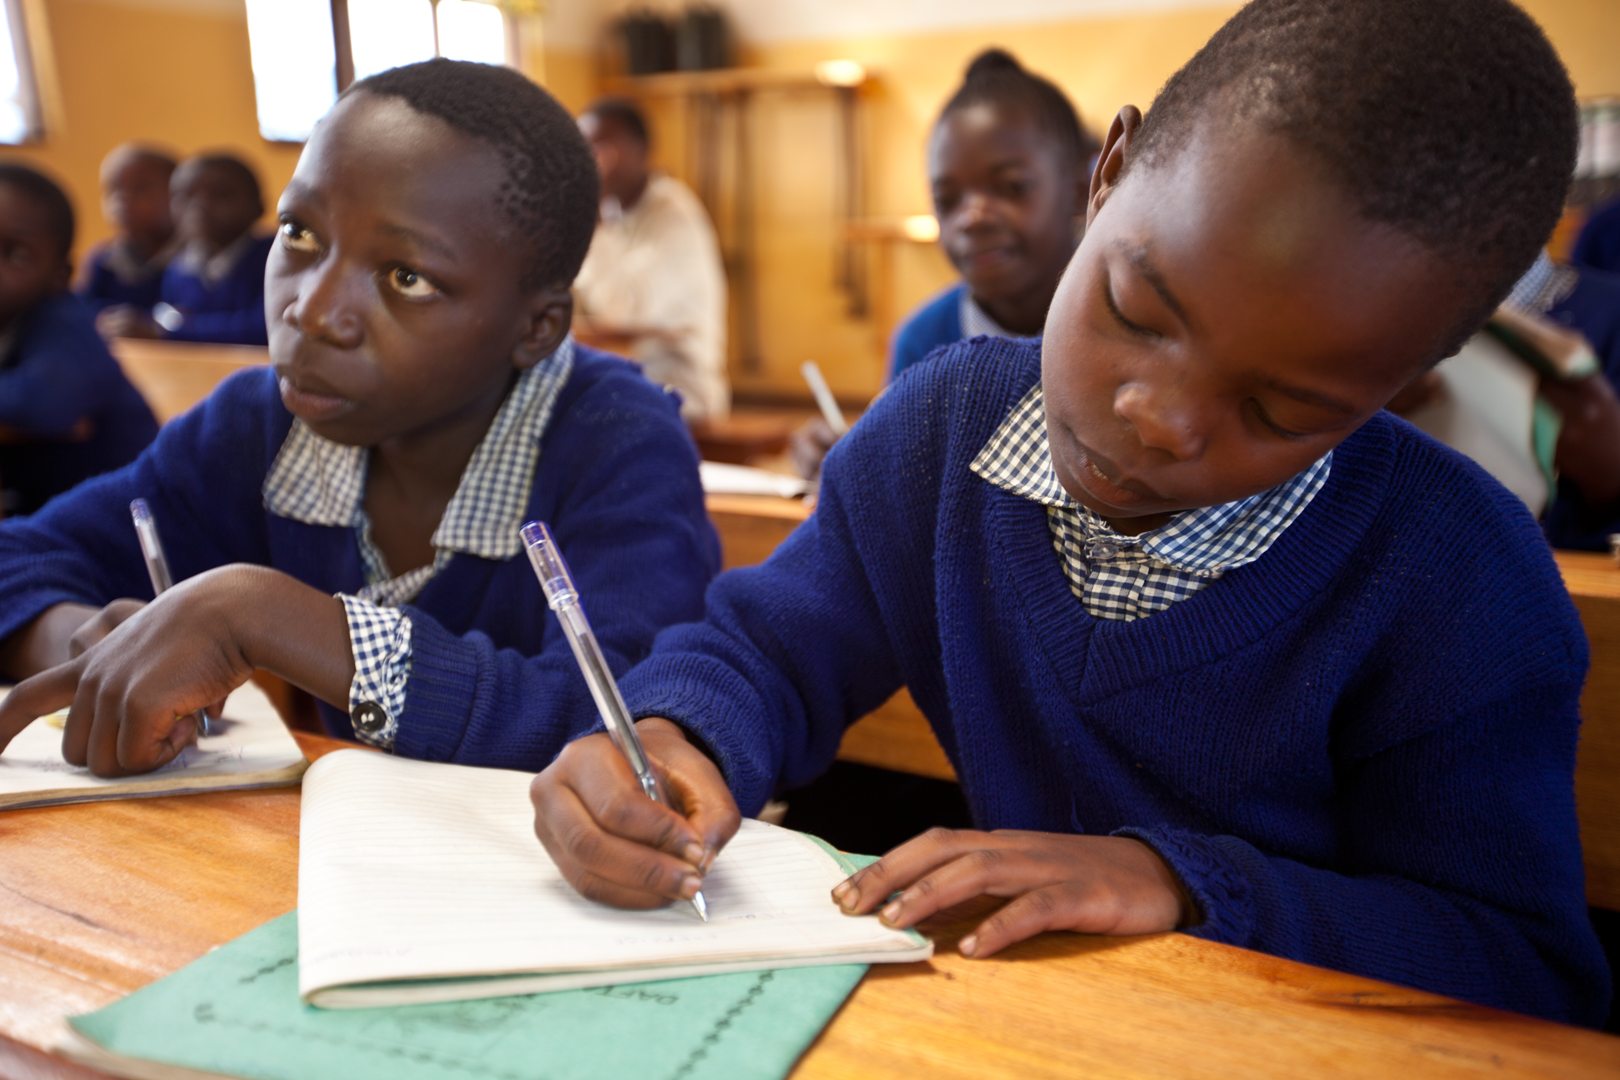 Kibidula Primary School in Tanzania Africa